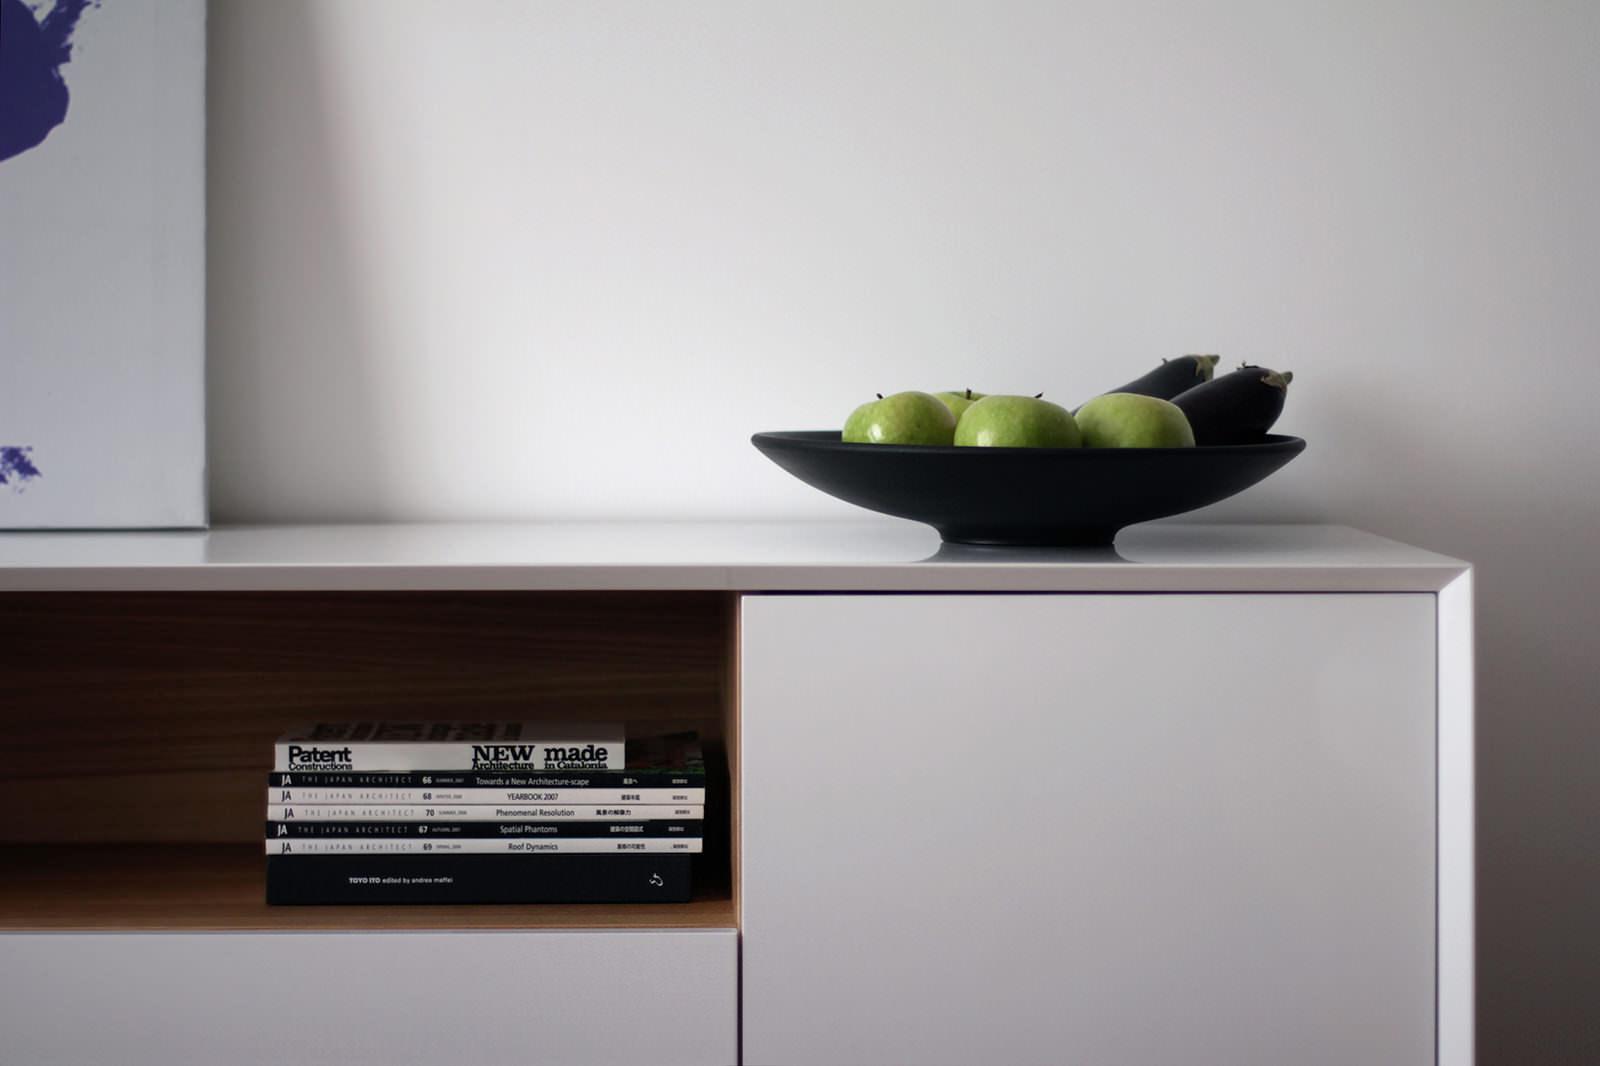 apartament-s-nestandarten-interior-v-skandinavski-stil-7g